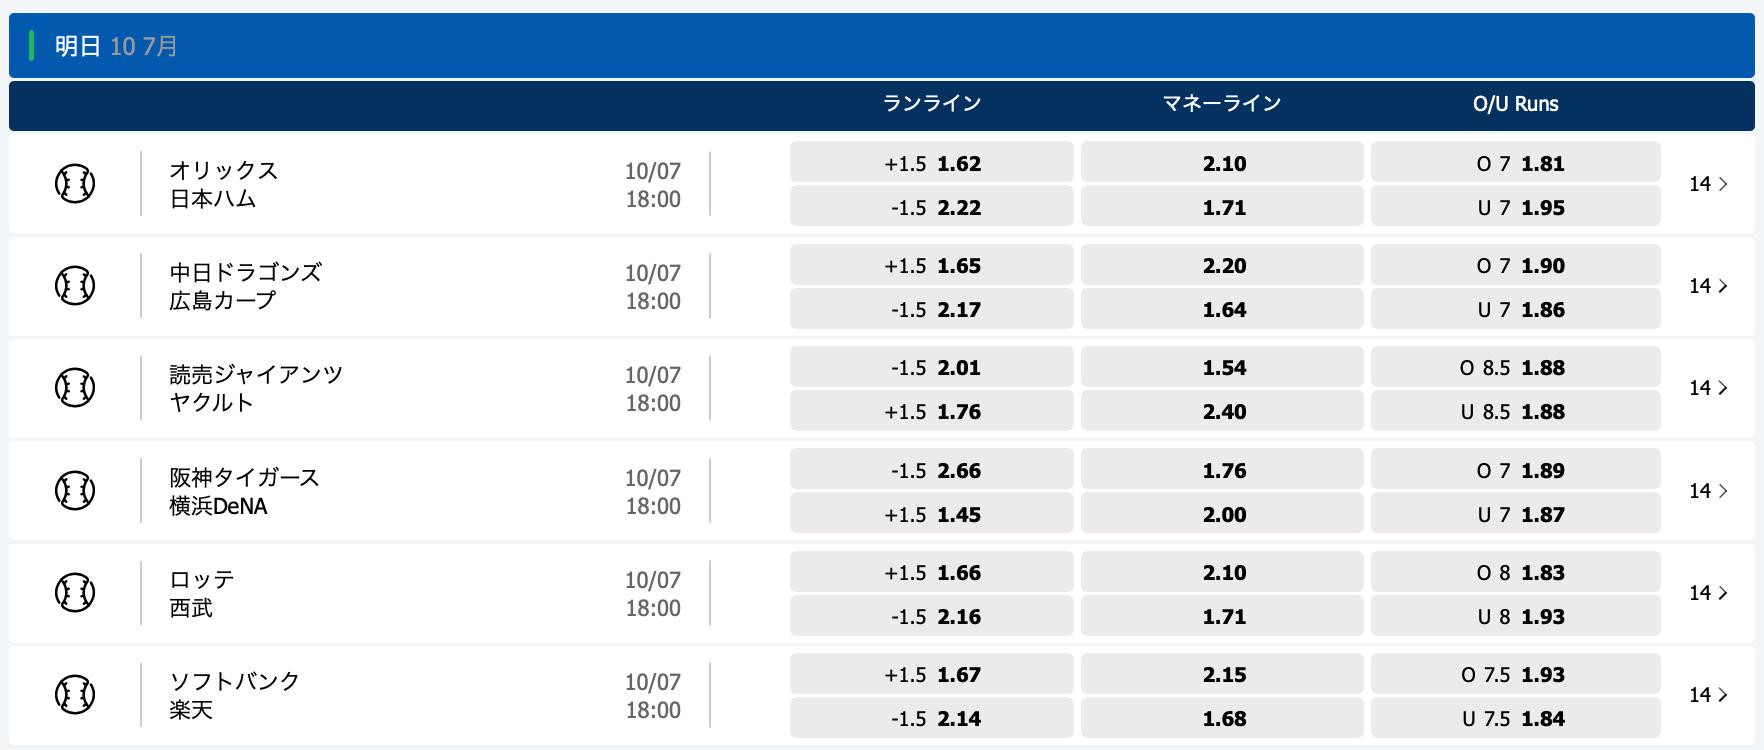 2020.7.10 プロ野球オッズ・10bet Japan